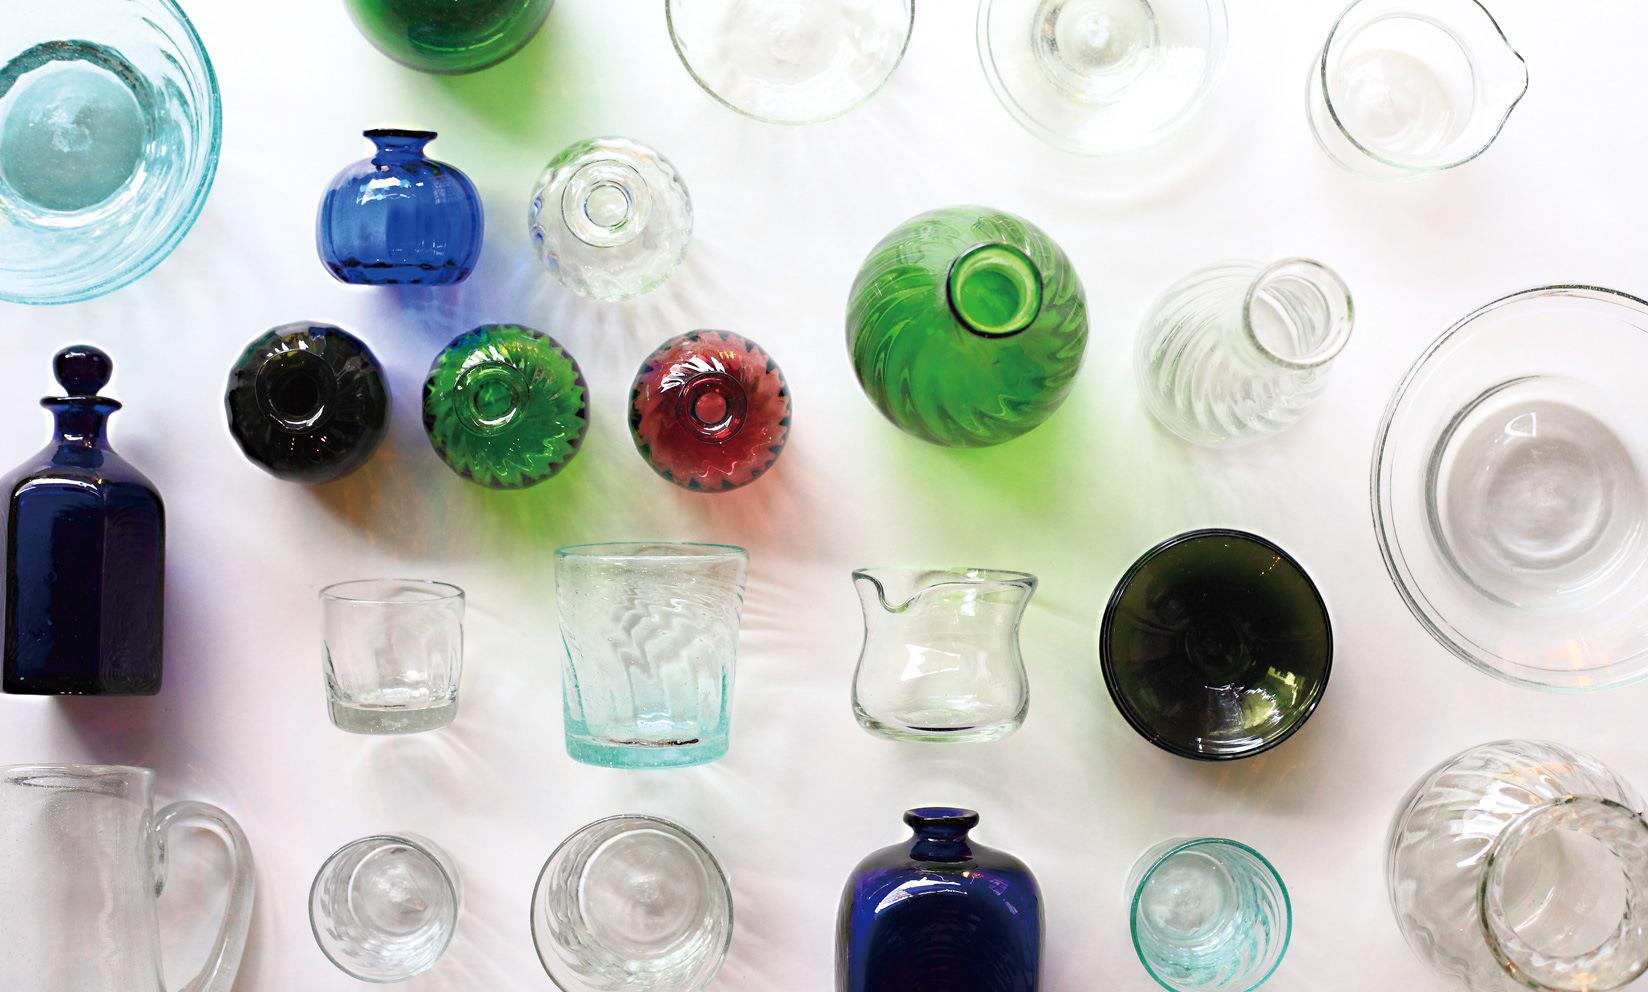 ガラス特集 / 夏の暑い時期に涼しげなガラスをご覧あれ